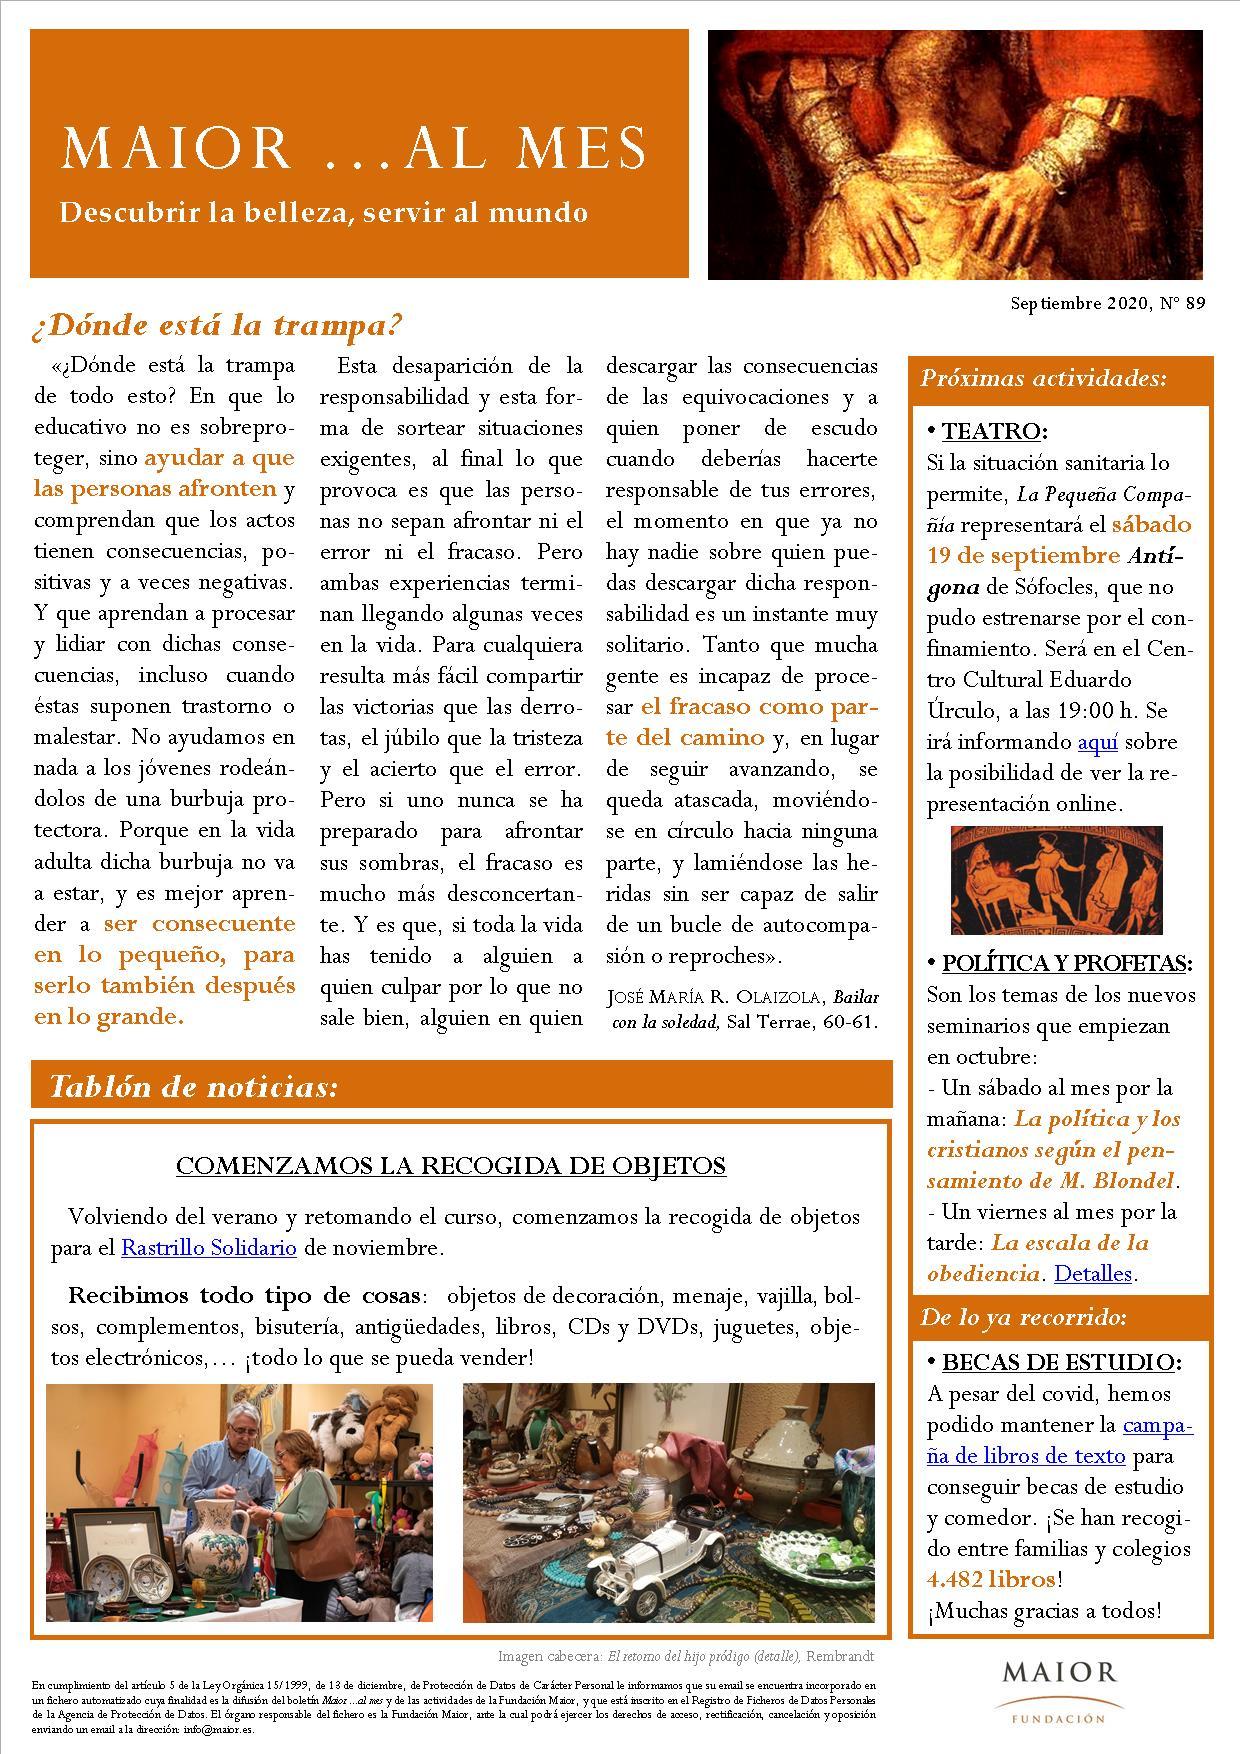 Boletín mensual de noticias y actividades de la Fundación Maior. Edición de septiembre 2020